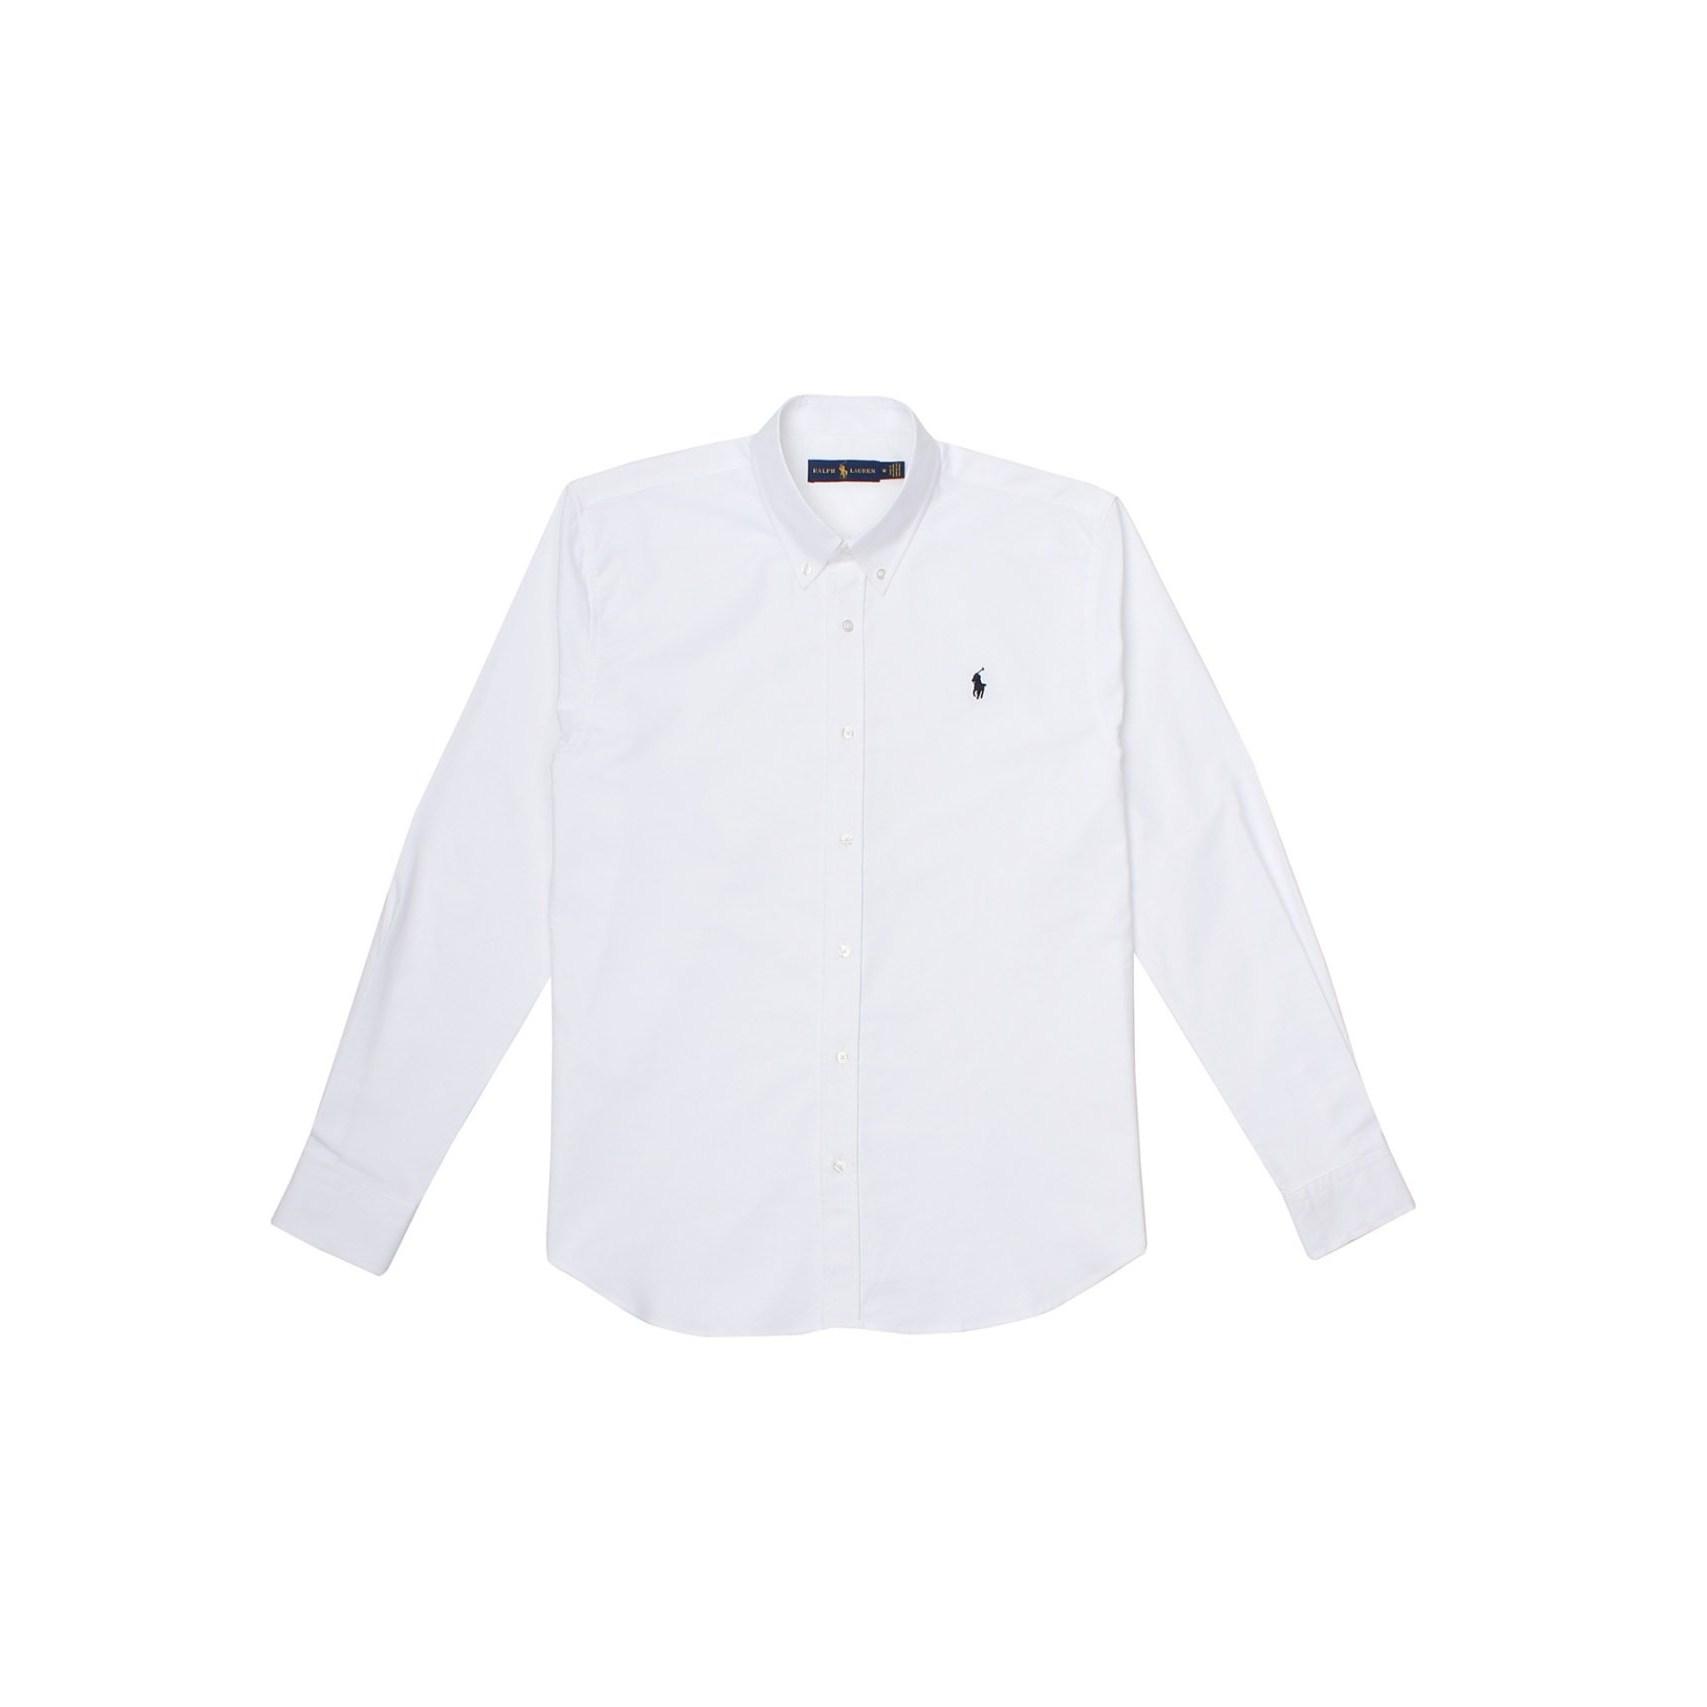 비글즈 폴로 셔츠 남녀공용 캐주얼셔츠